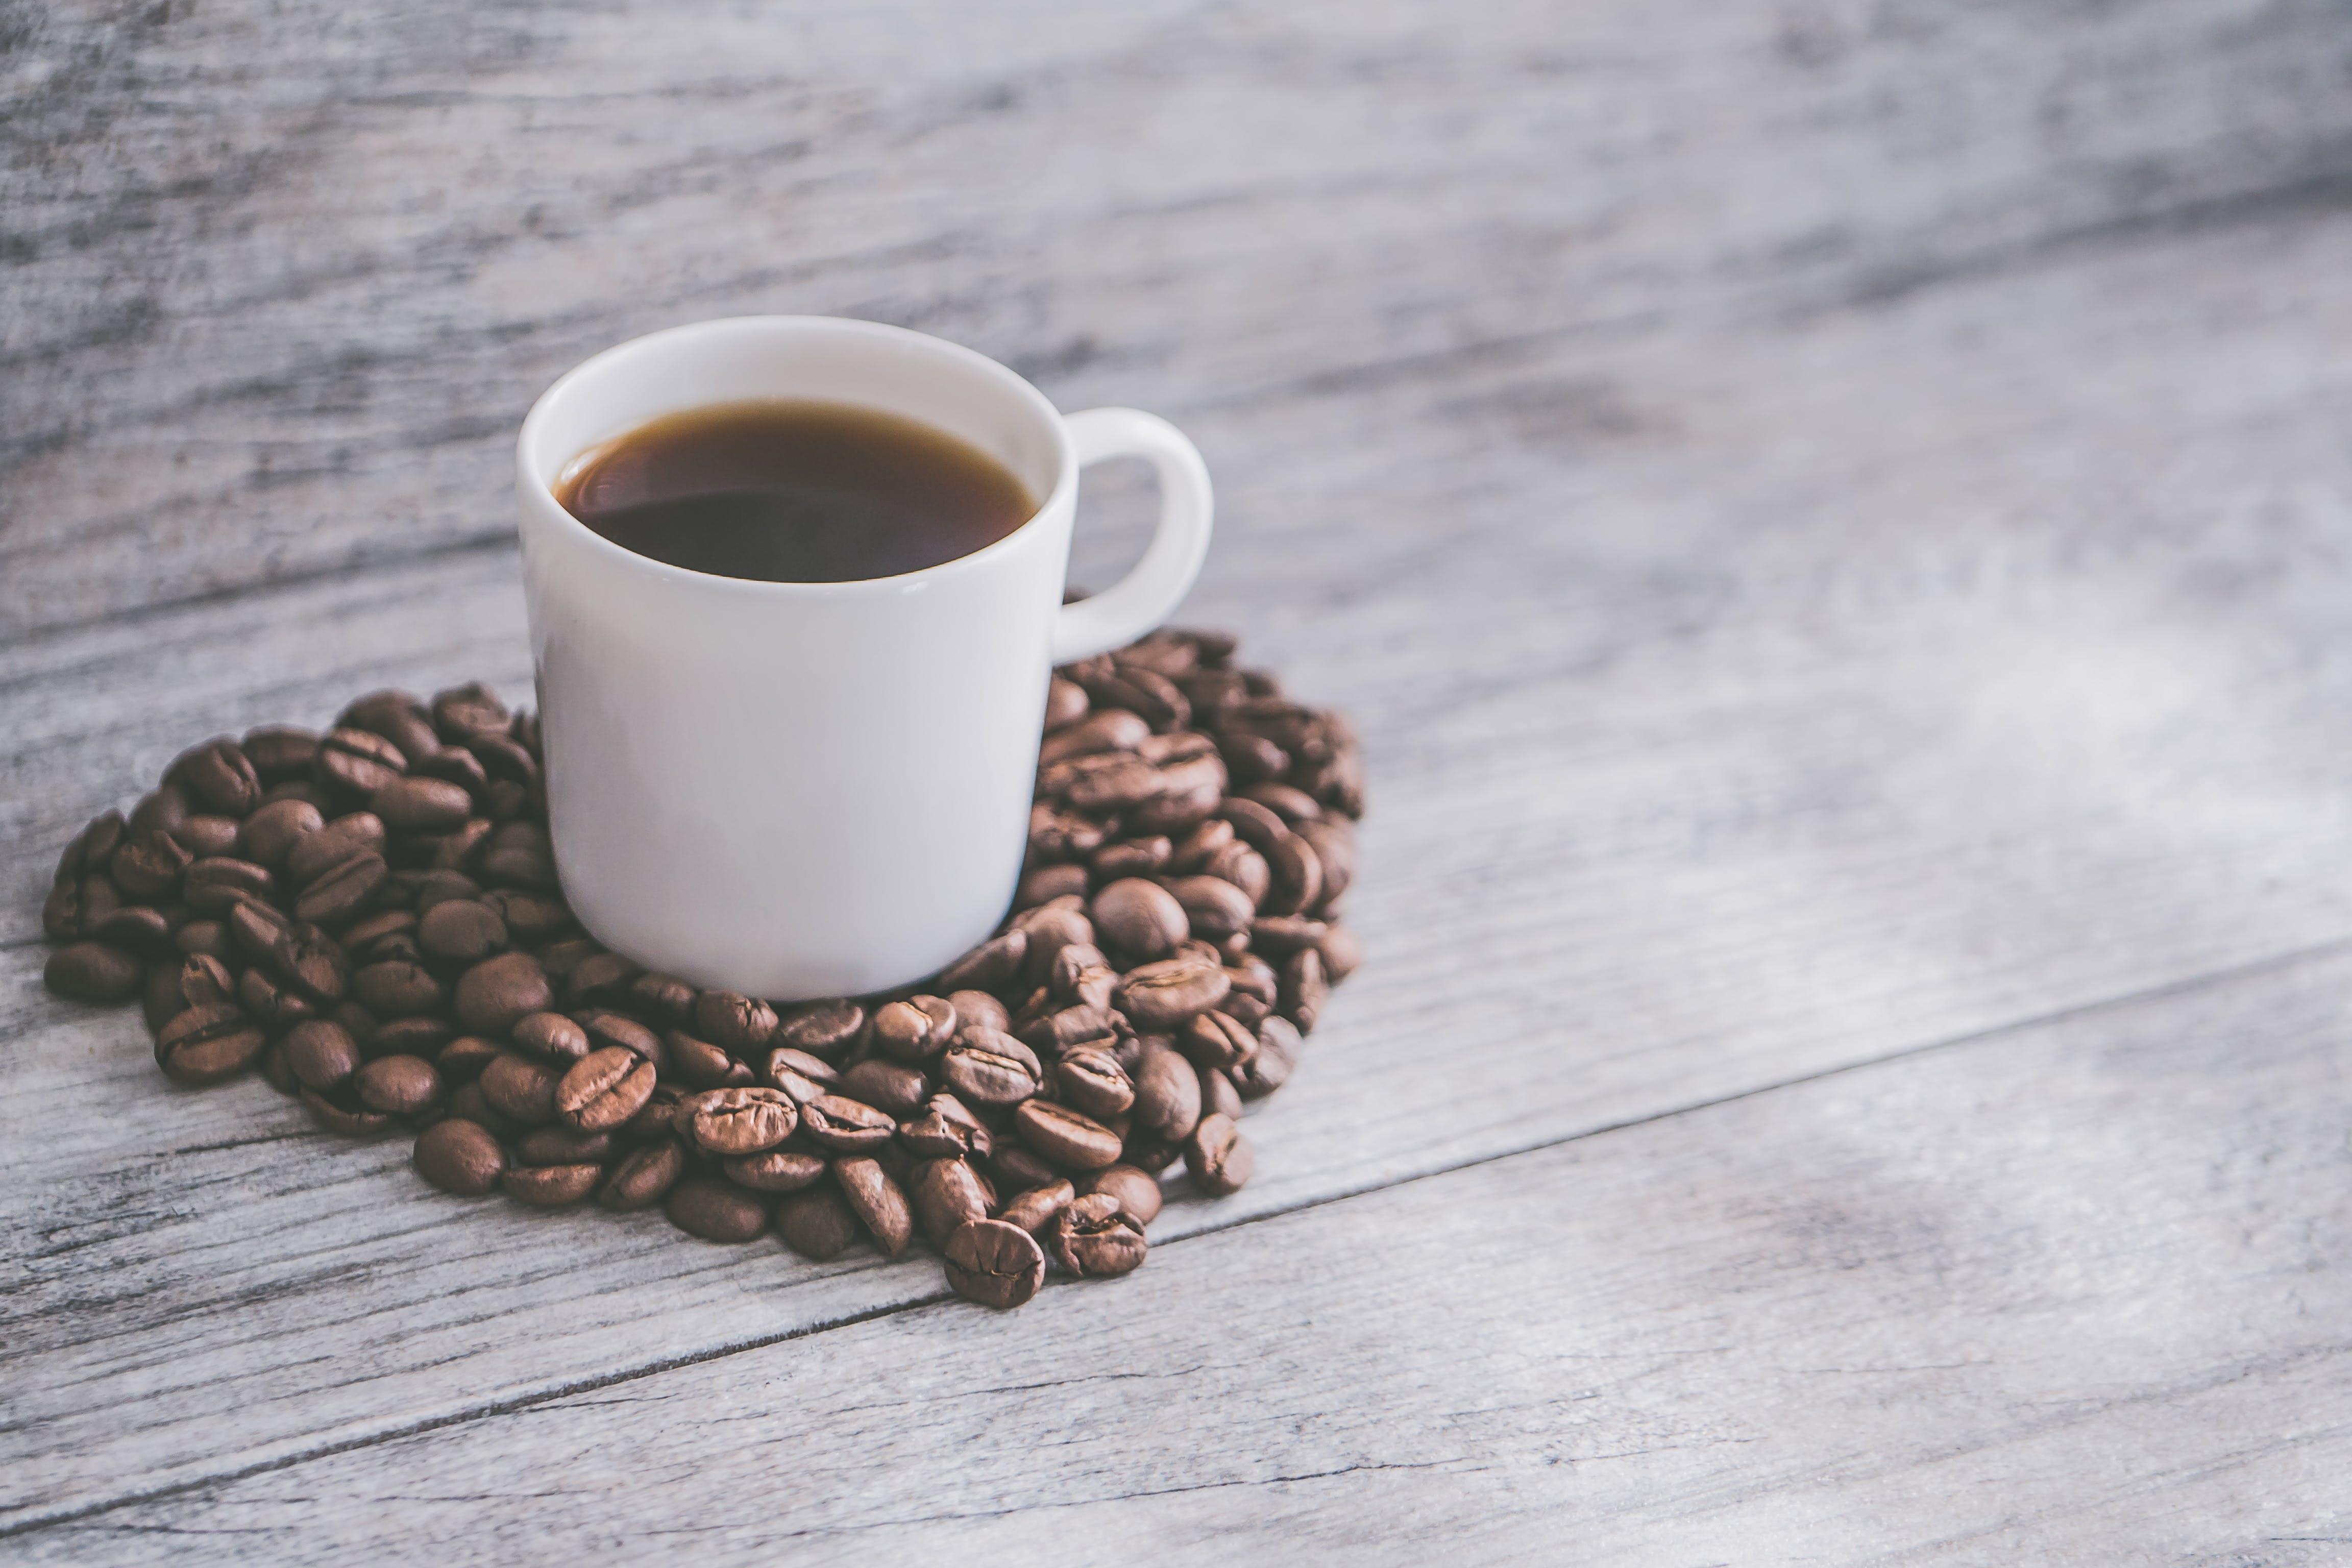 Kostenloses Stock Foto zu flatlay, hintergrund, kaffee, kaffeebohnen